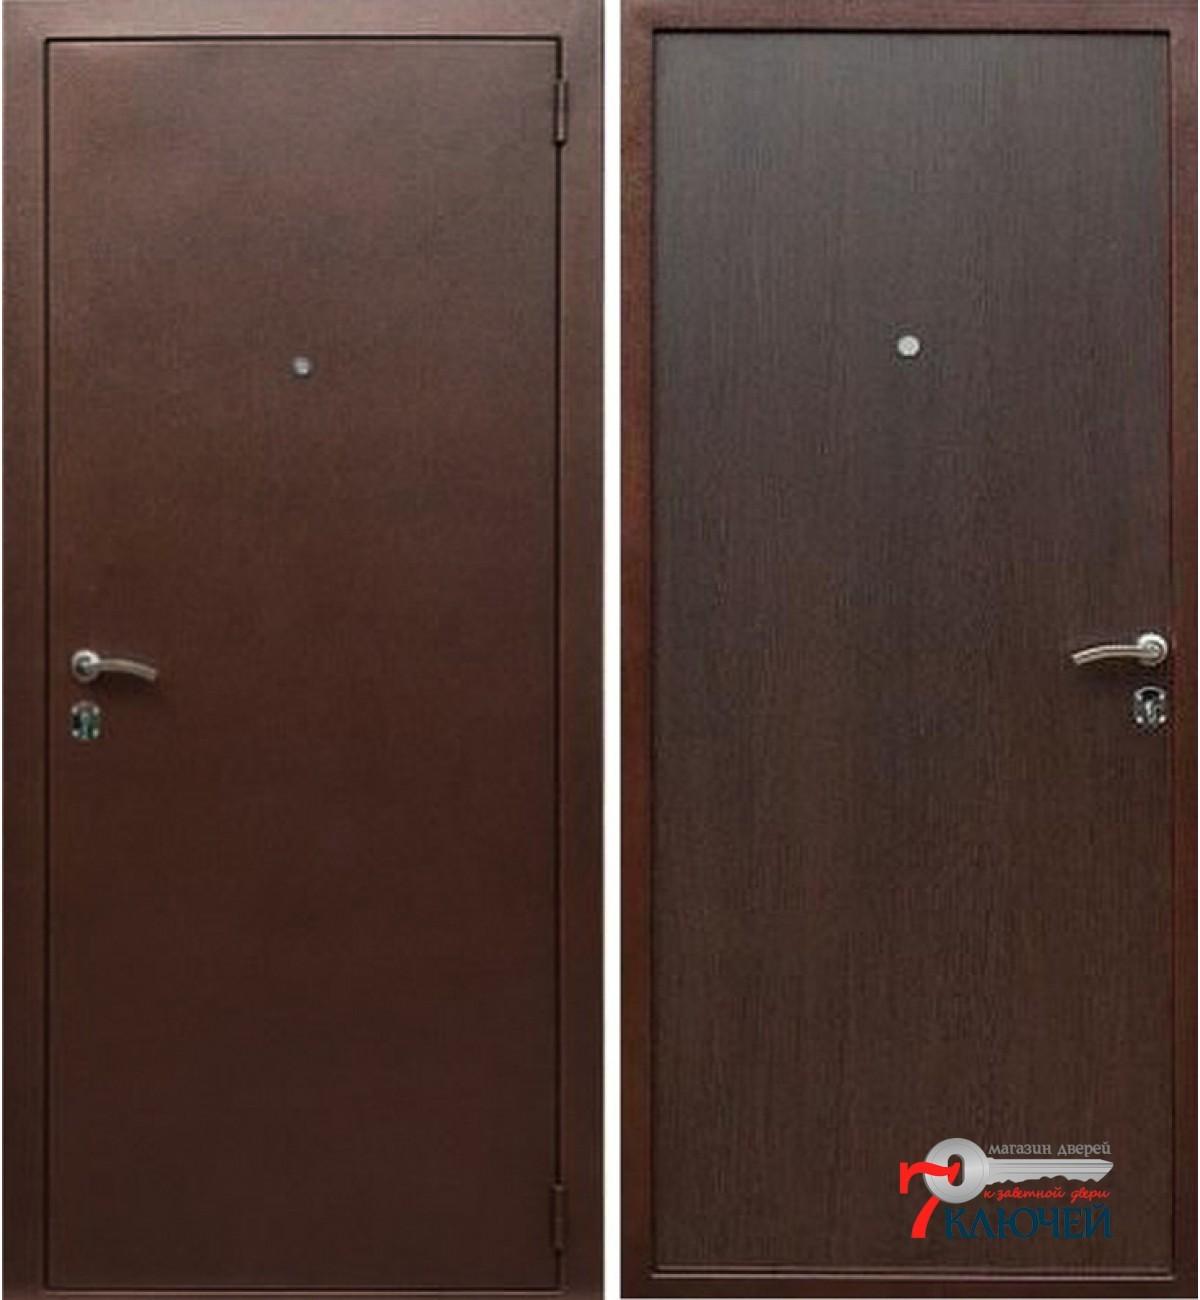 недорогие двери входные с мдф покрытием